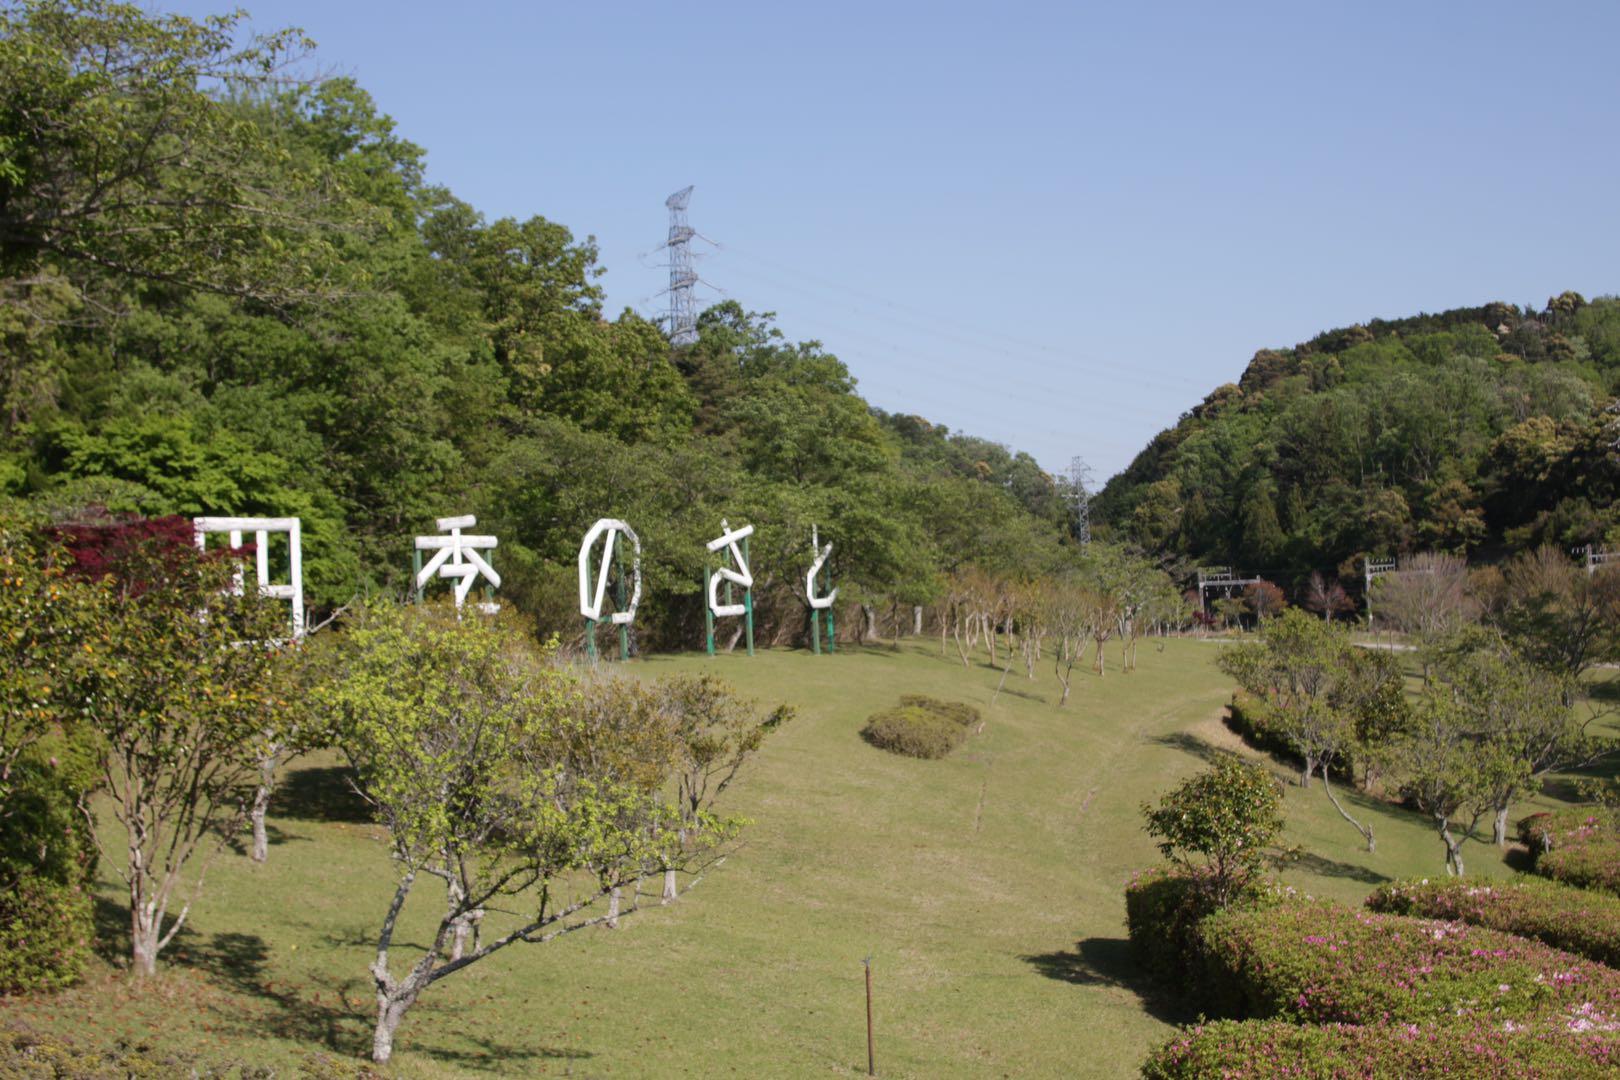 近鉄特急から見える公園に行ってきた 近鉄大阪線 東青山駅直結「東青山四季のさと」撮り鉄スポット